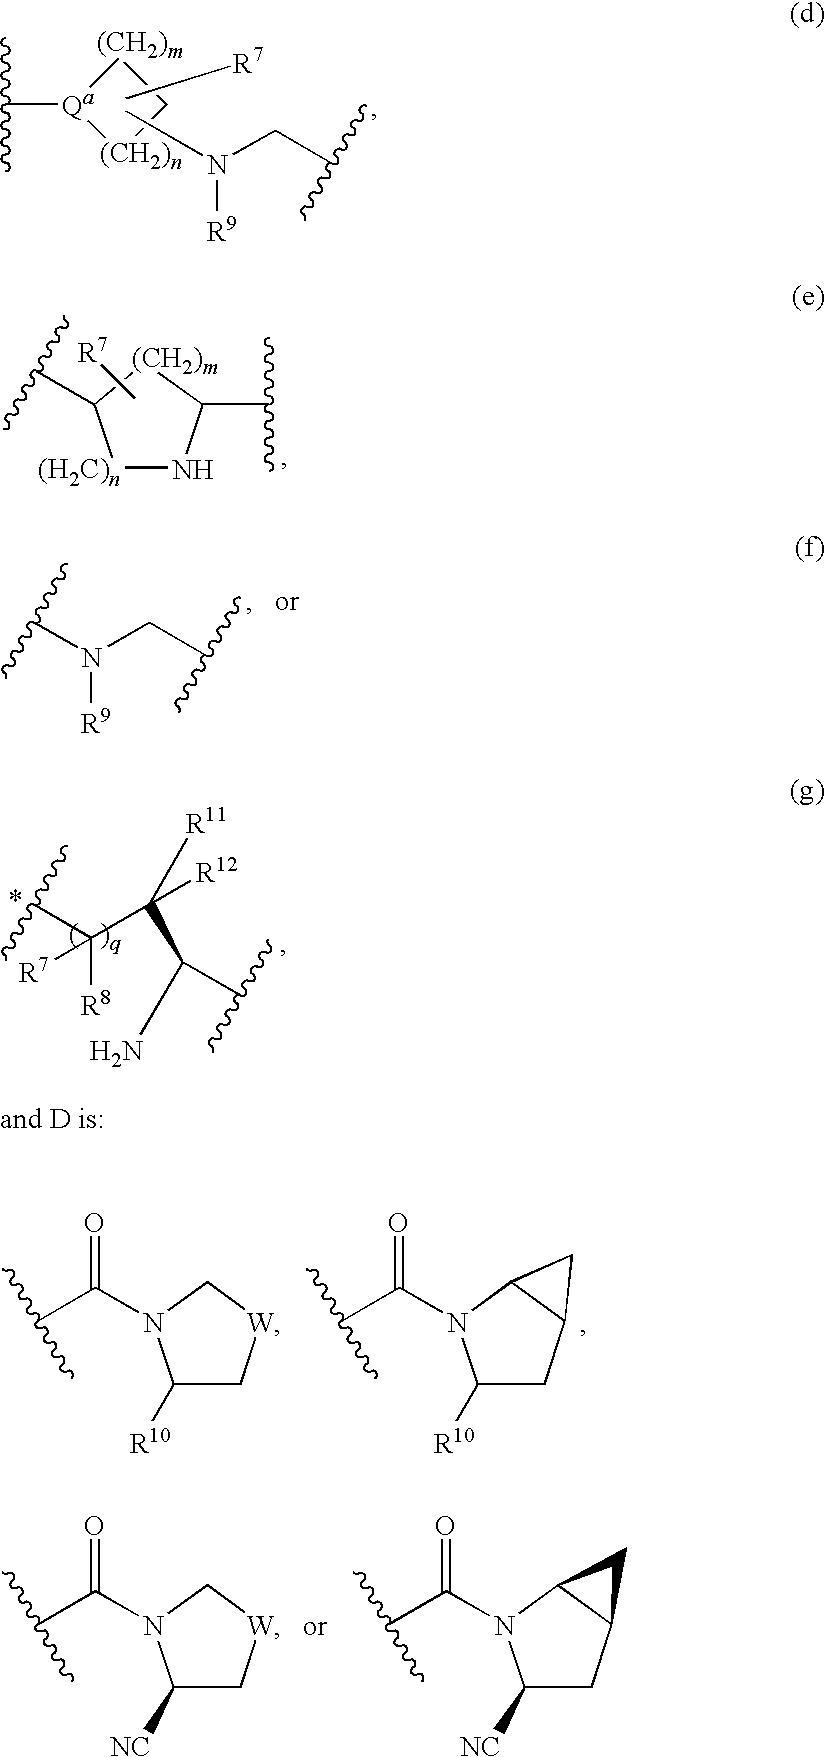 Figure US20100009961A1-20100114-C00002